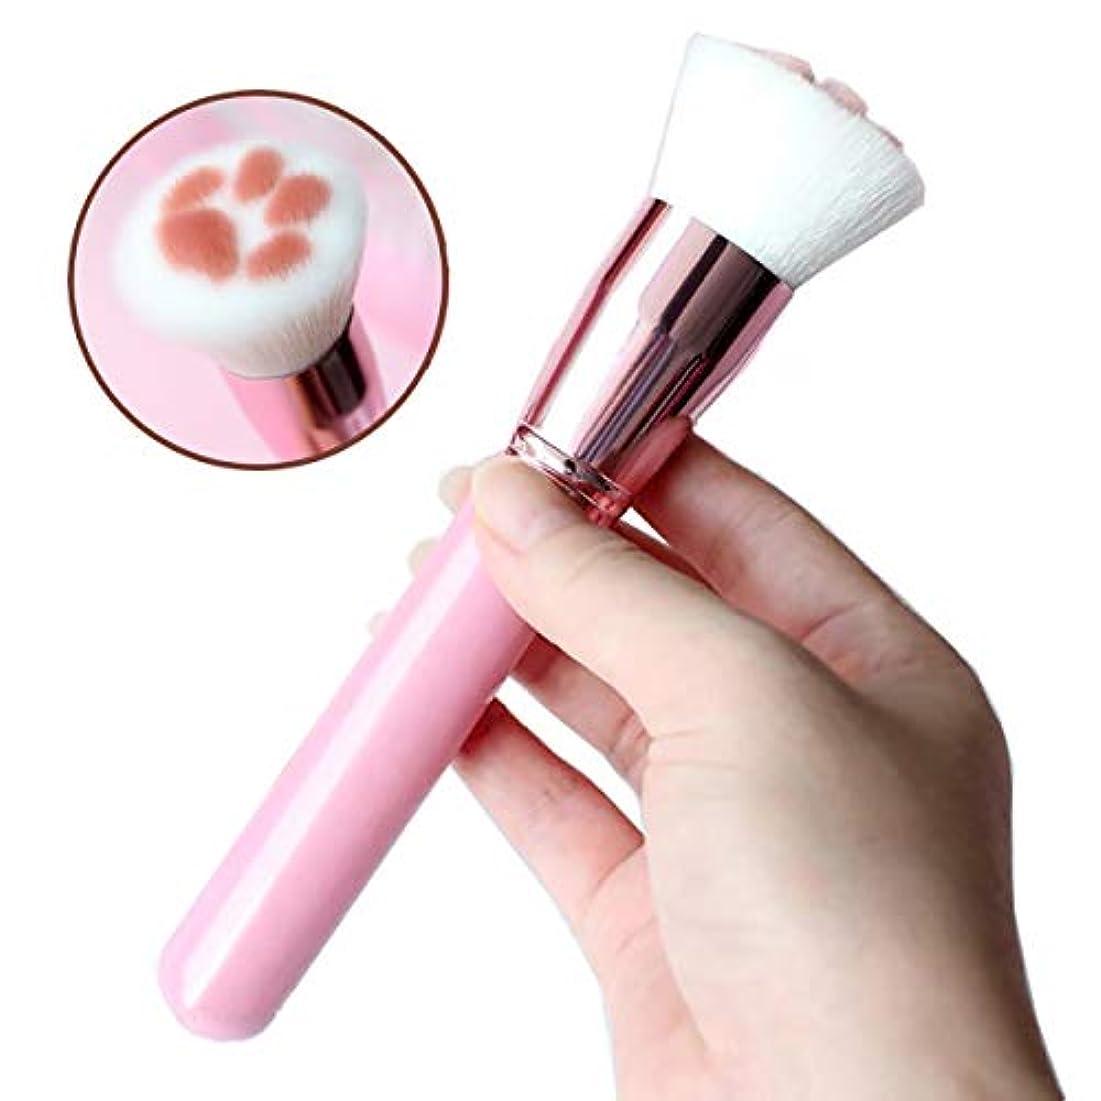 どっち鉱石歩行者化粧筆 ファンデーションブラシ 高級繊維毛 メイクブラシ 超柔らかい 旅行 人気 可愛い 化粧ブラシ携帯用 (ピンク)